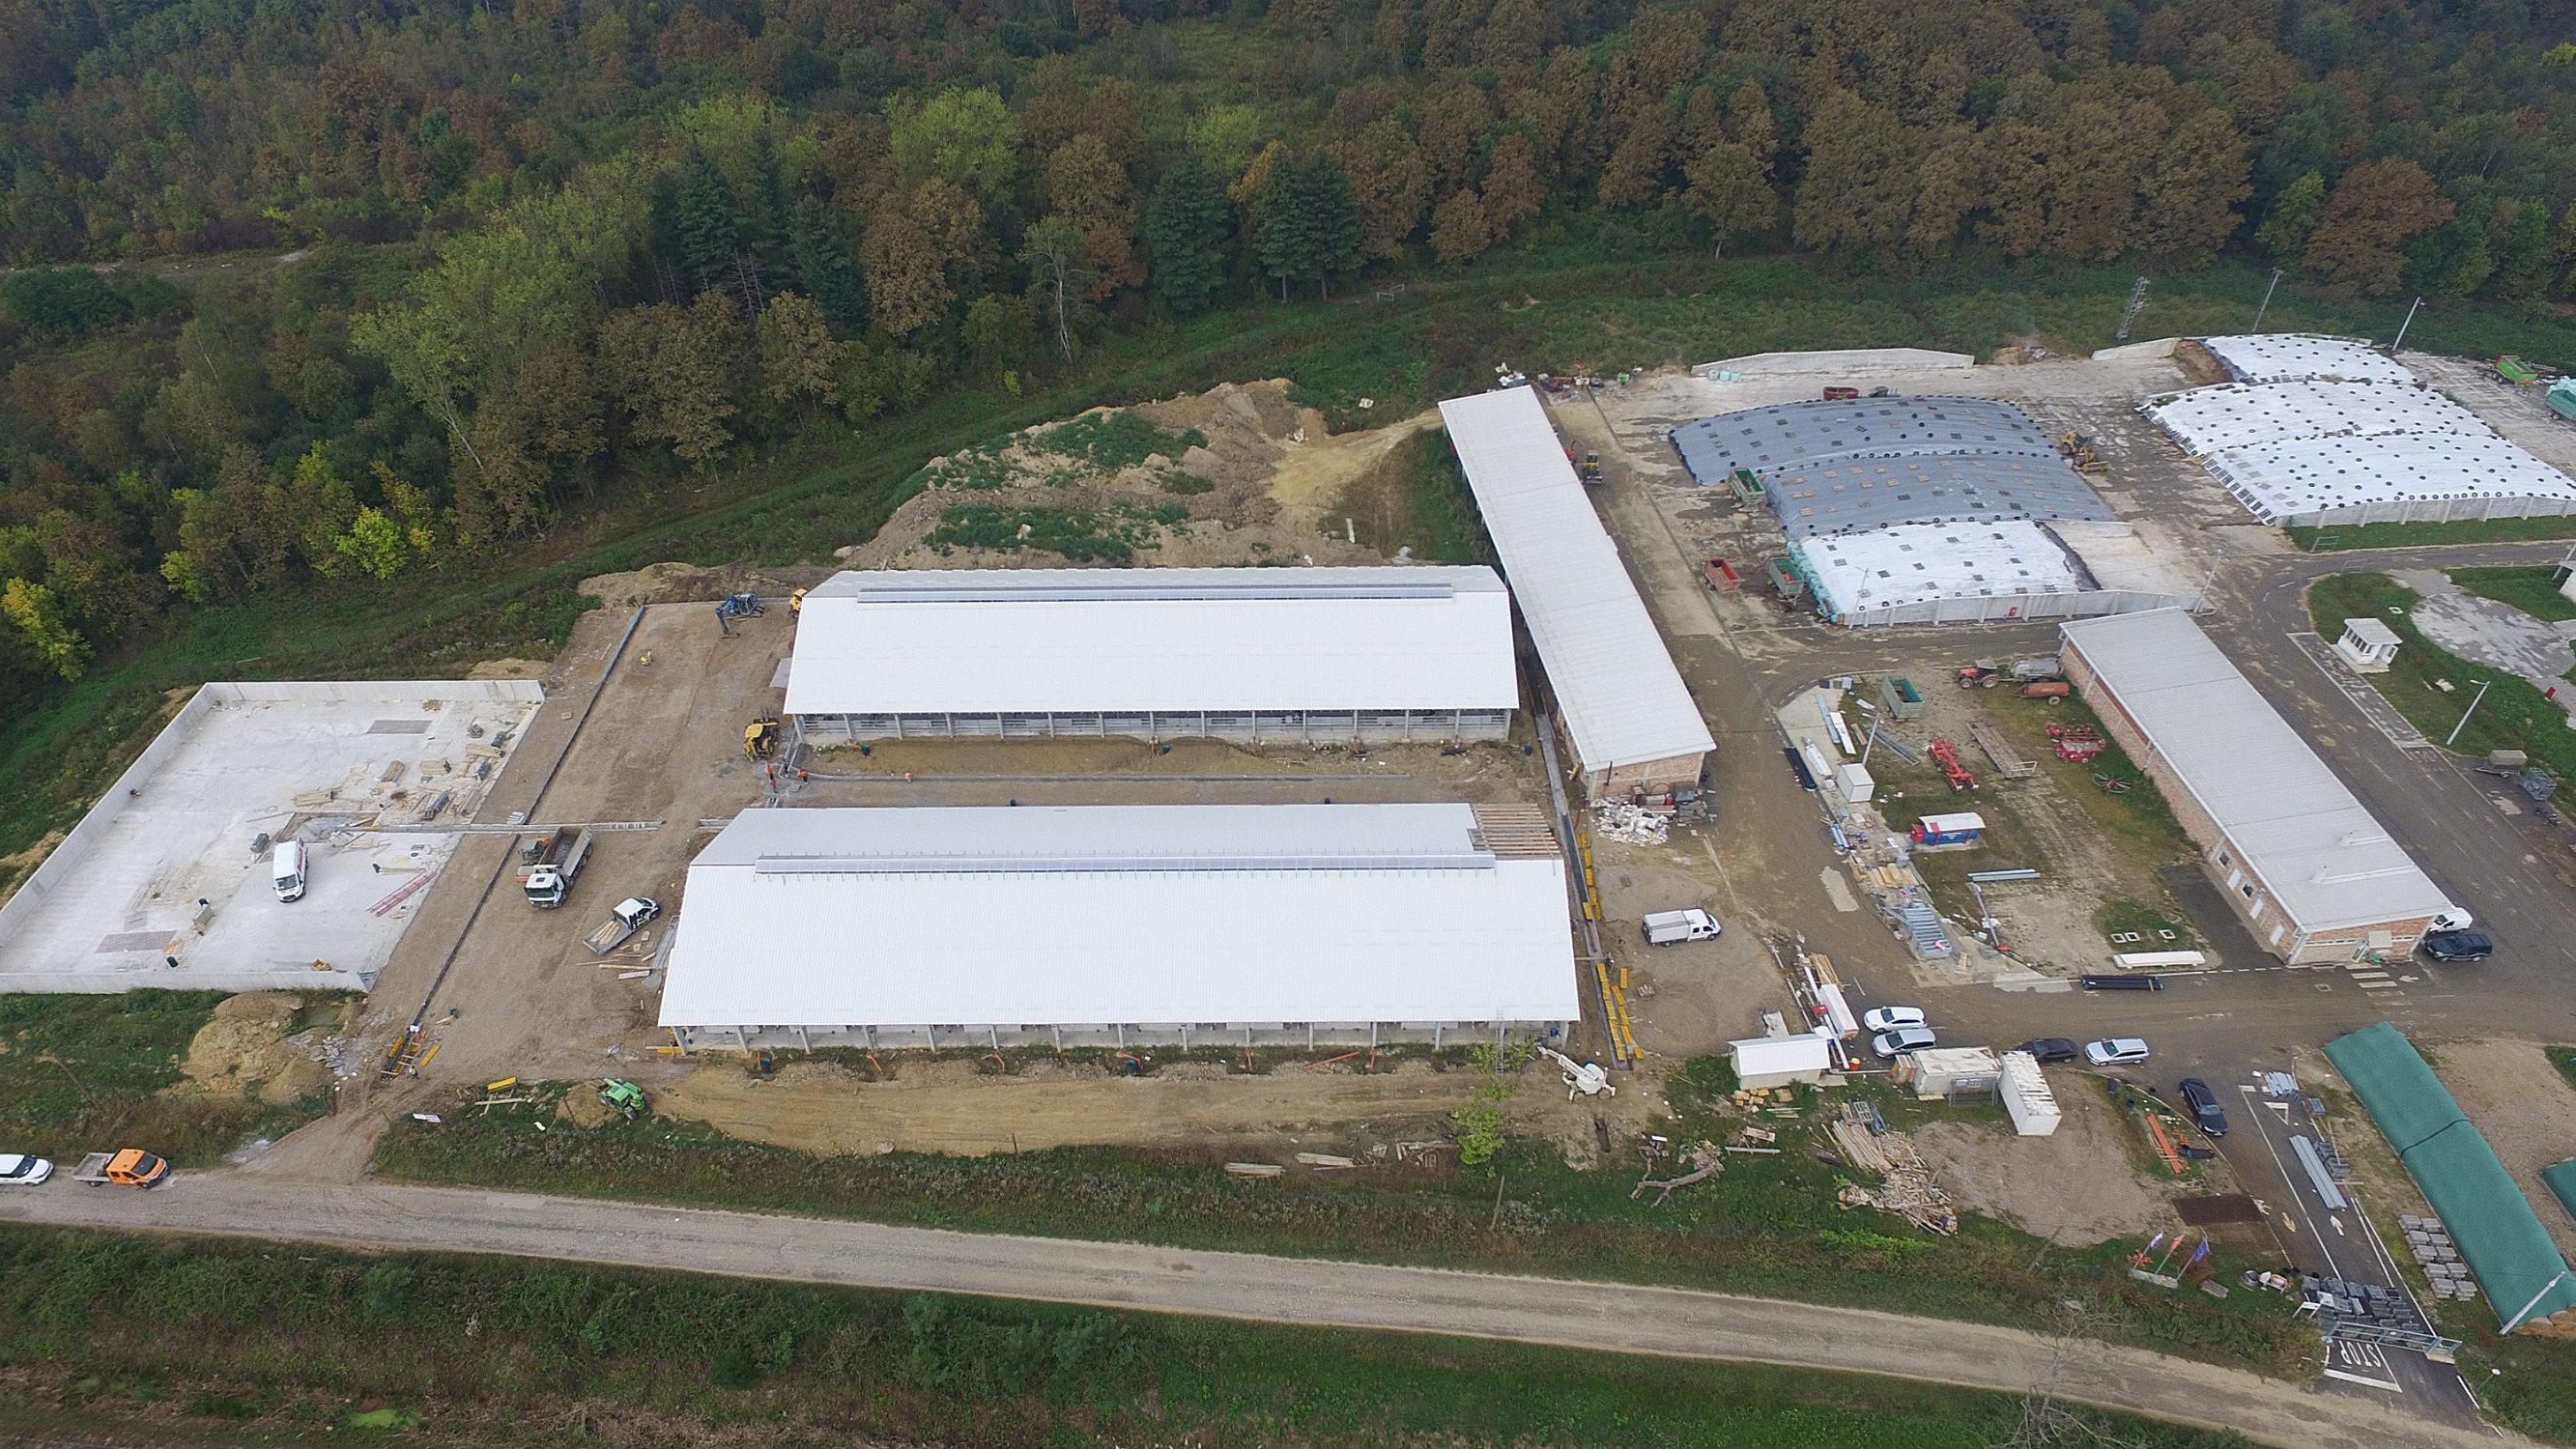 Karlovac, 220920. Izgradnja nove farme PPK Karlovac je pri kraju. Farma se nalazi u Sumbaru pokraj Recice nedaleko od Karlovca. Na fotografiji: Farma u izgradnji. Foto: Robert Fajt / CROPIX